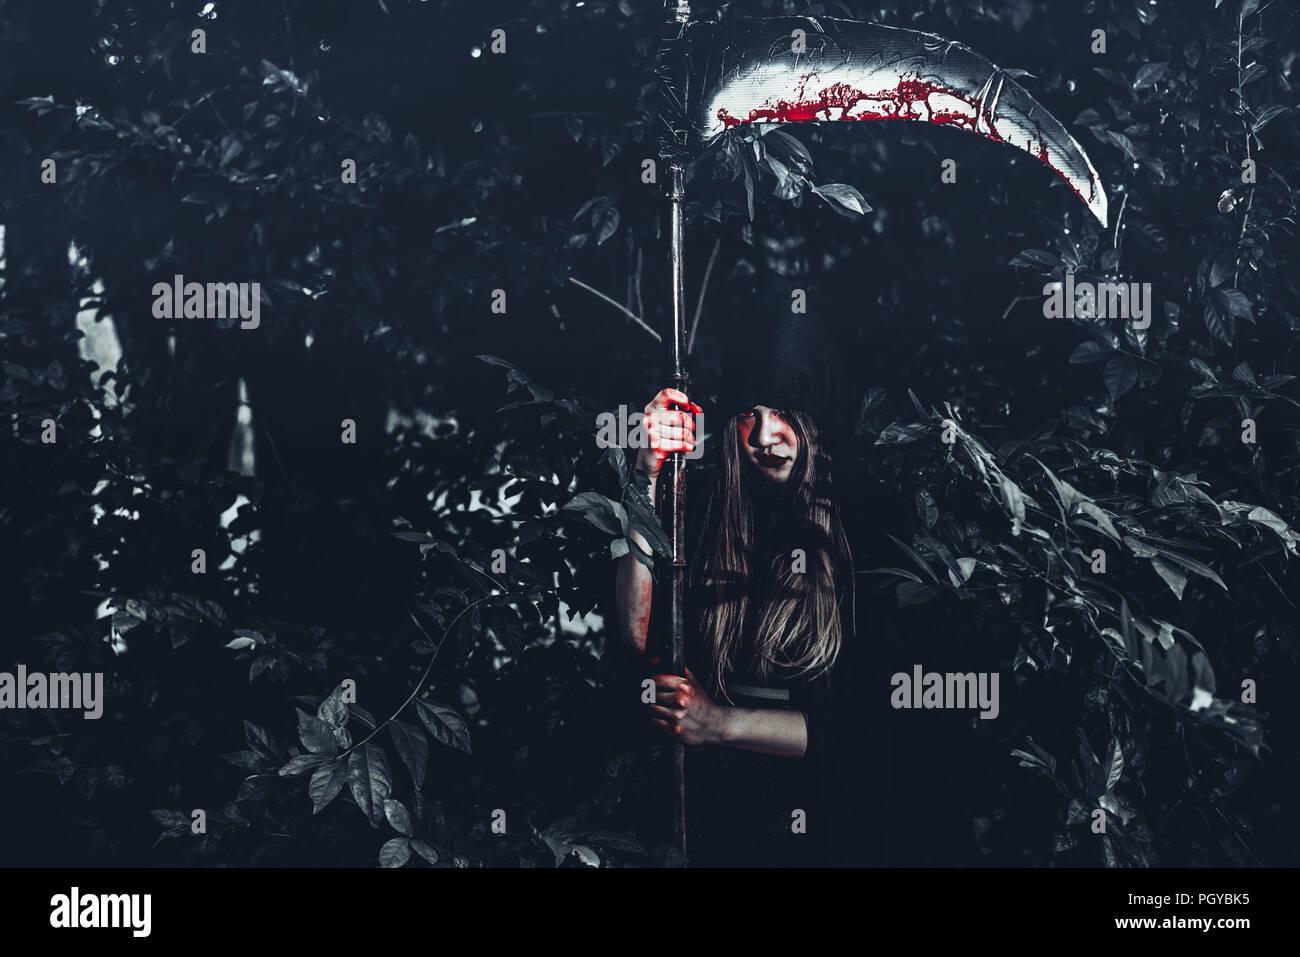 Weiblicher Dämon Hexe mit Bloody reaper stand vor der Geheimnis Wald Hintergrund. Halloween und religiöses Konzept. Daemon Engel und Satan Thema. Stockbild